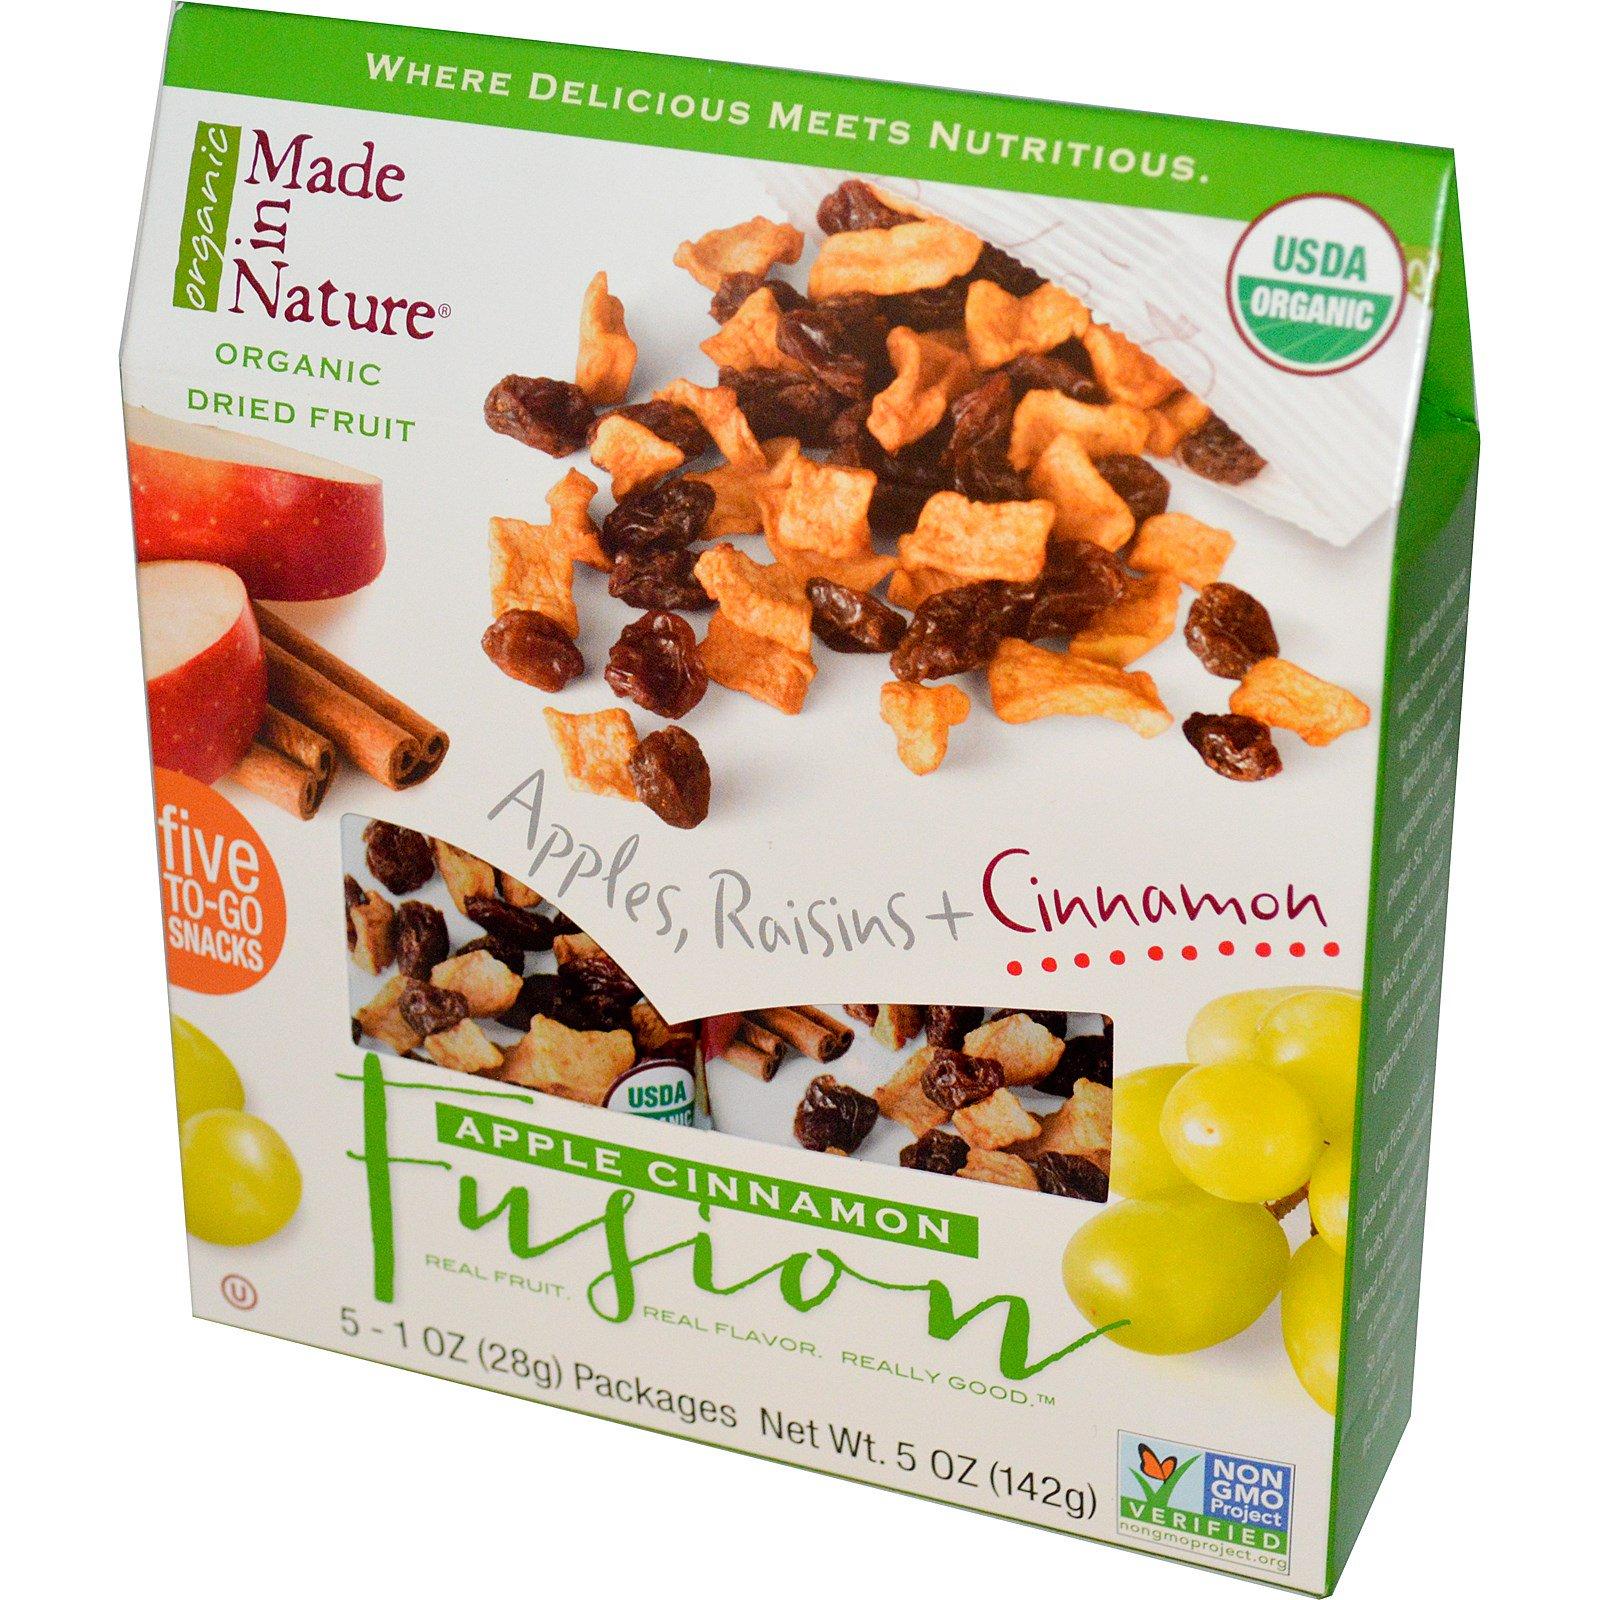 Made in Nature, Органические сушеные фрукты, смесь яблока и корицы, 5 пакетов, 28 г (1 унция) каждый